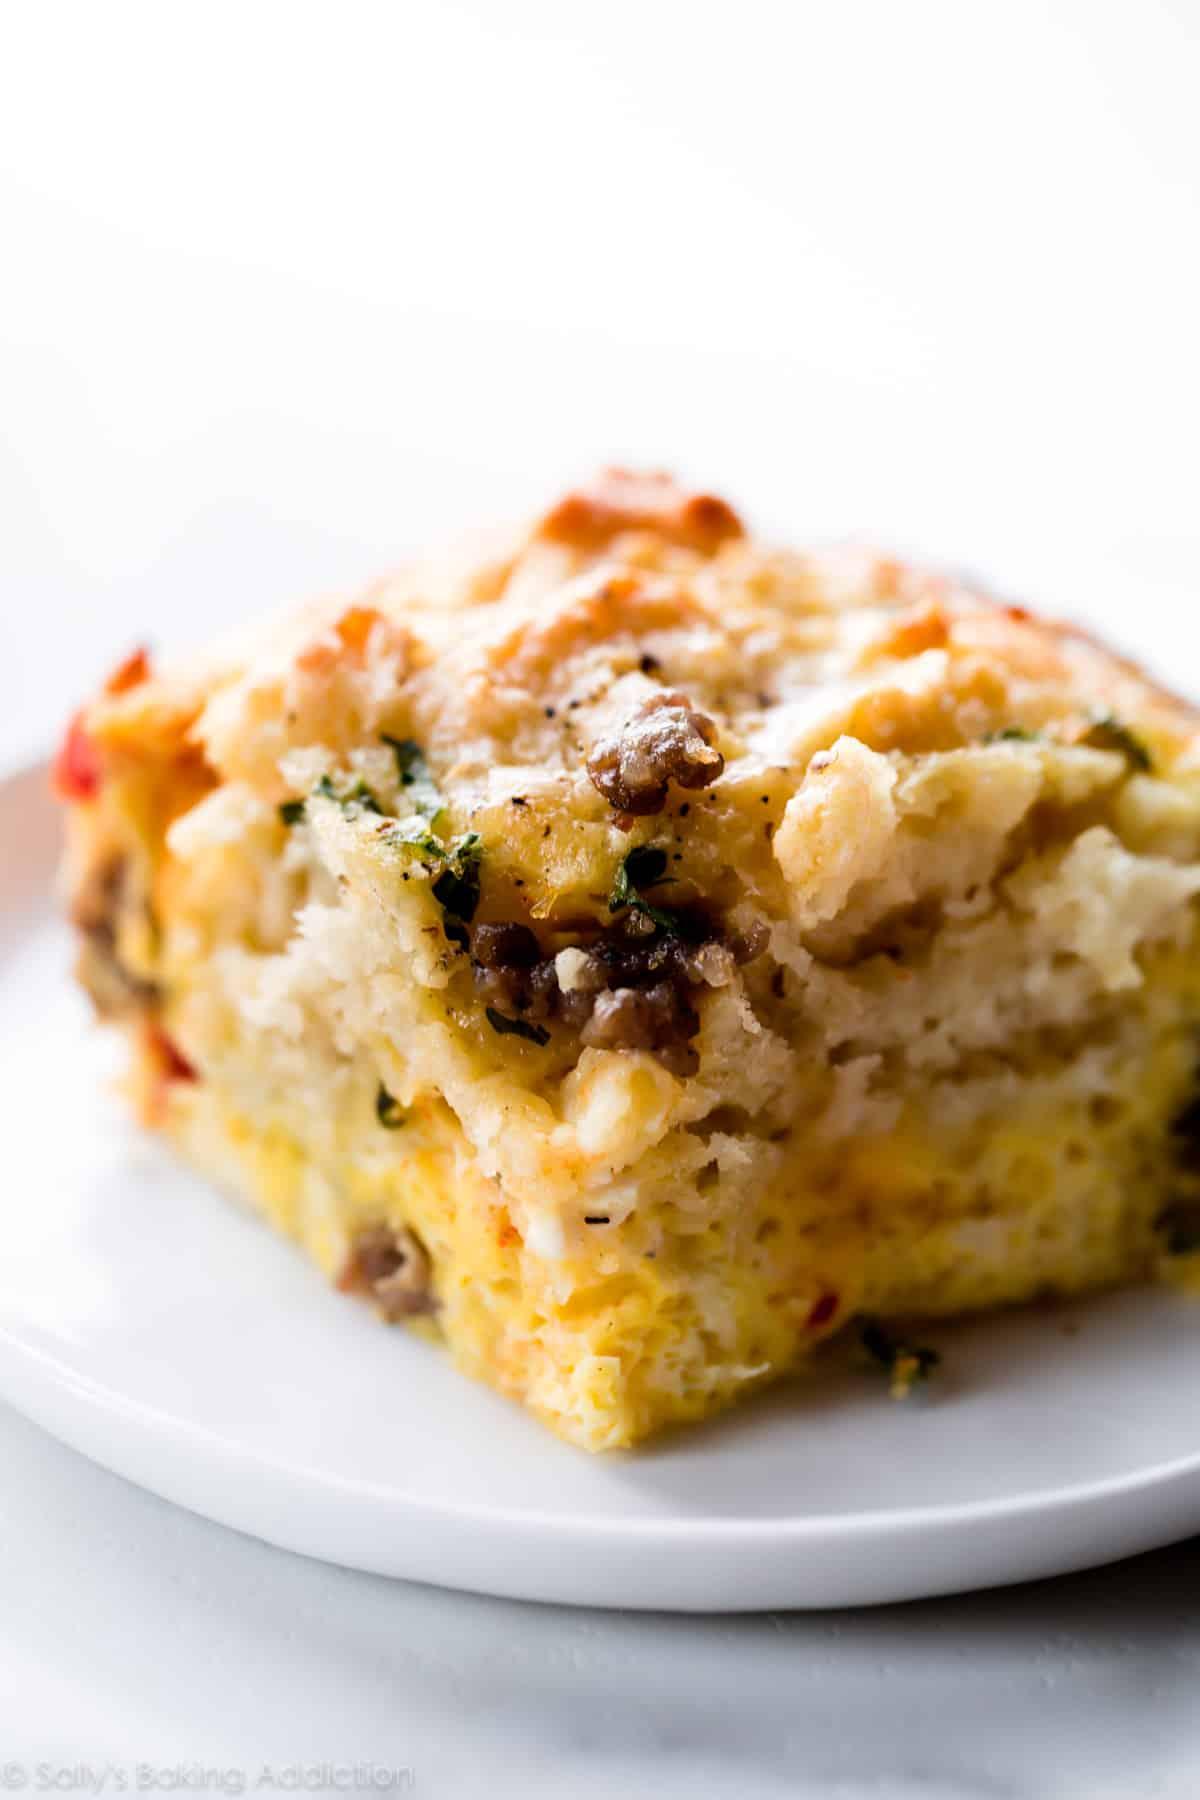 biscuit breakfast casserole sally s baking addiction